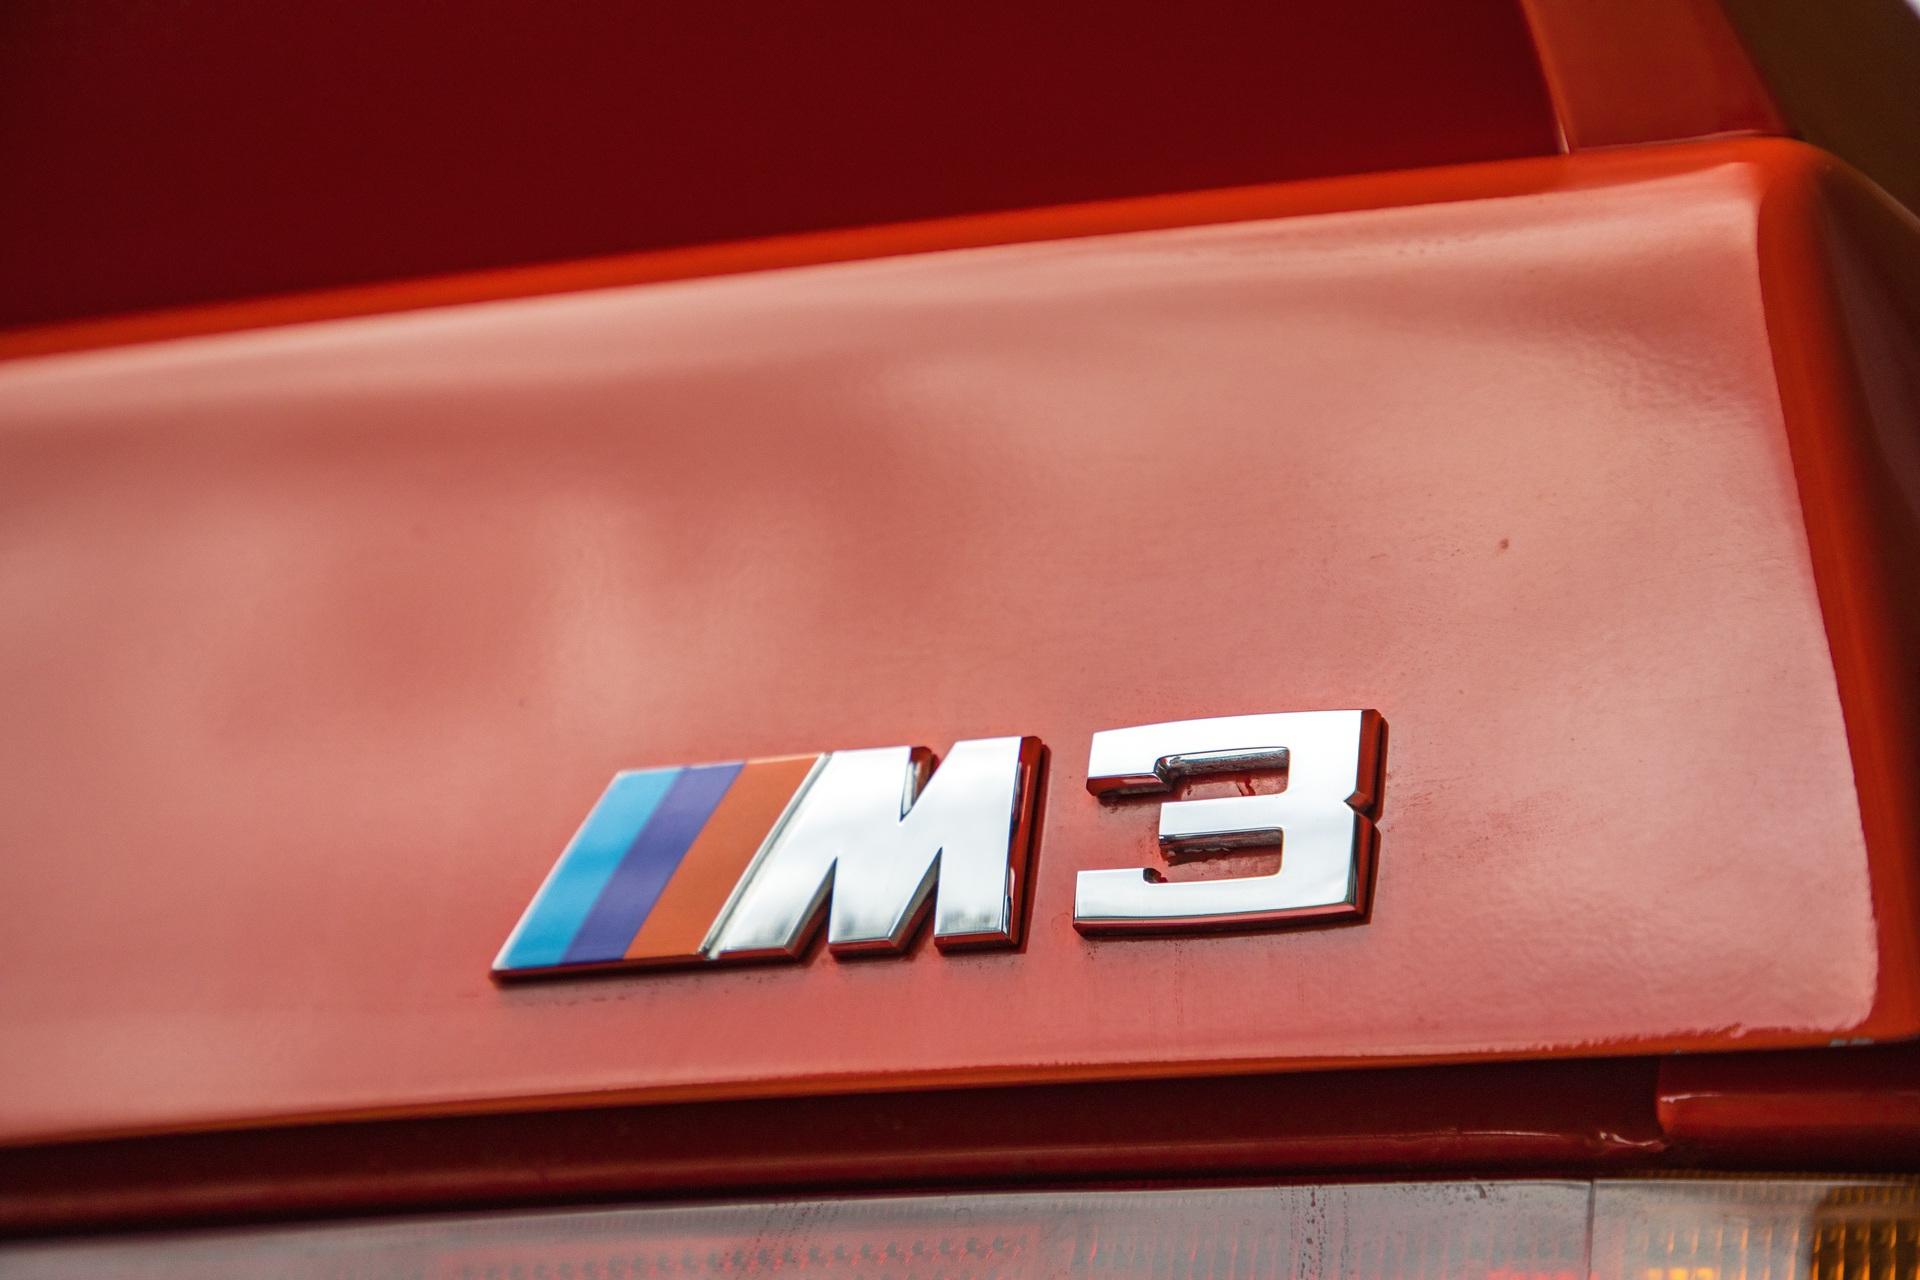 E30 BMW M3 test drive 71